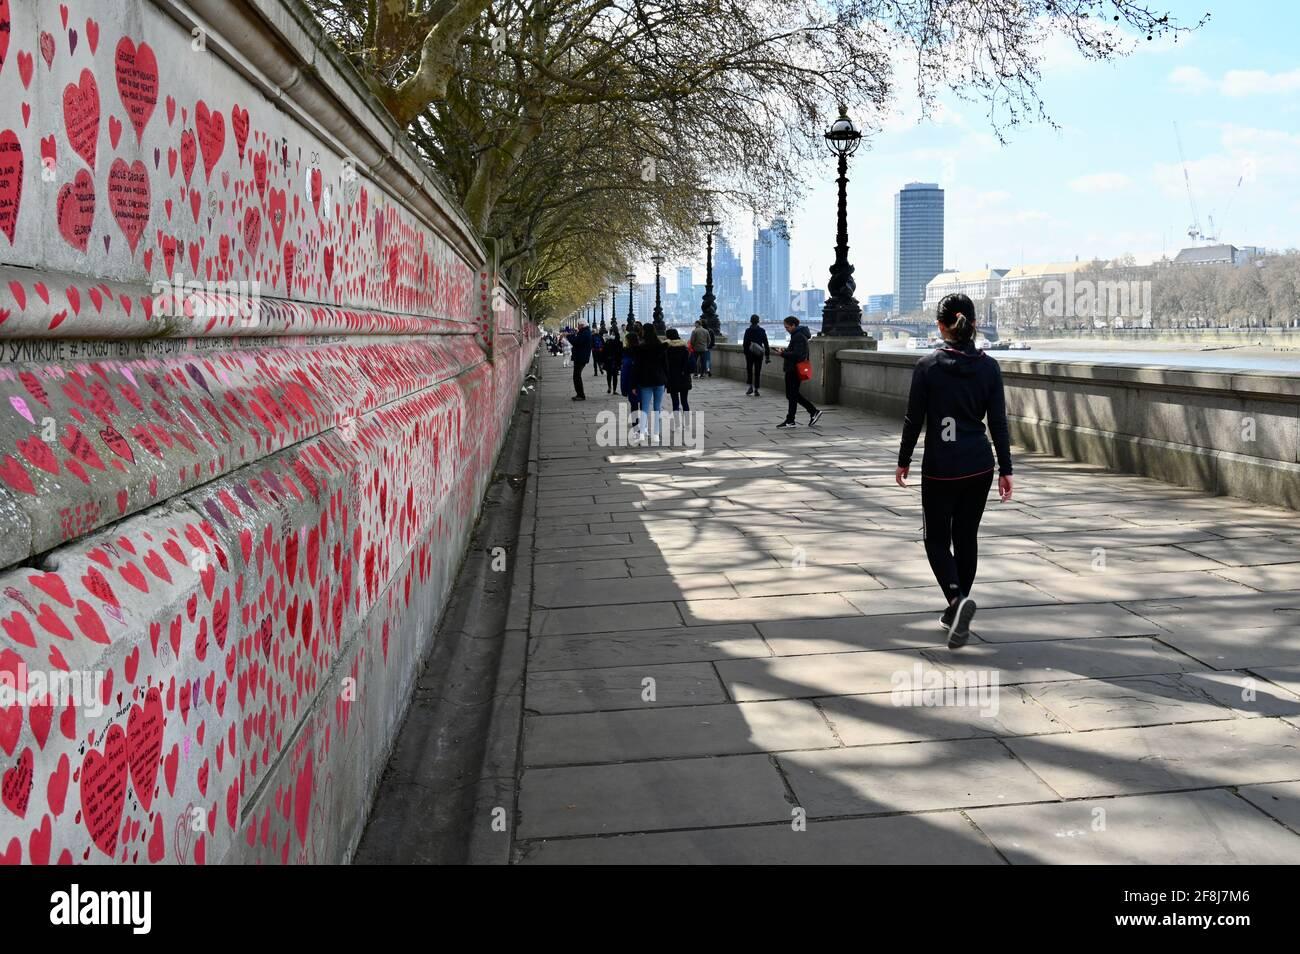 London. VEREINIGTES KÖNIGREICH. Am 14. April 2021 strömen die Menschen weiter zur COVID-Gedenkmauer für die Opfer des Coronavirus, die im letzten Jahr verstorben sind. St. Thomas' Hospital, London Stockfoto